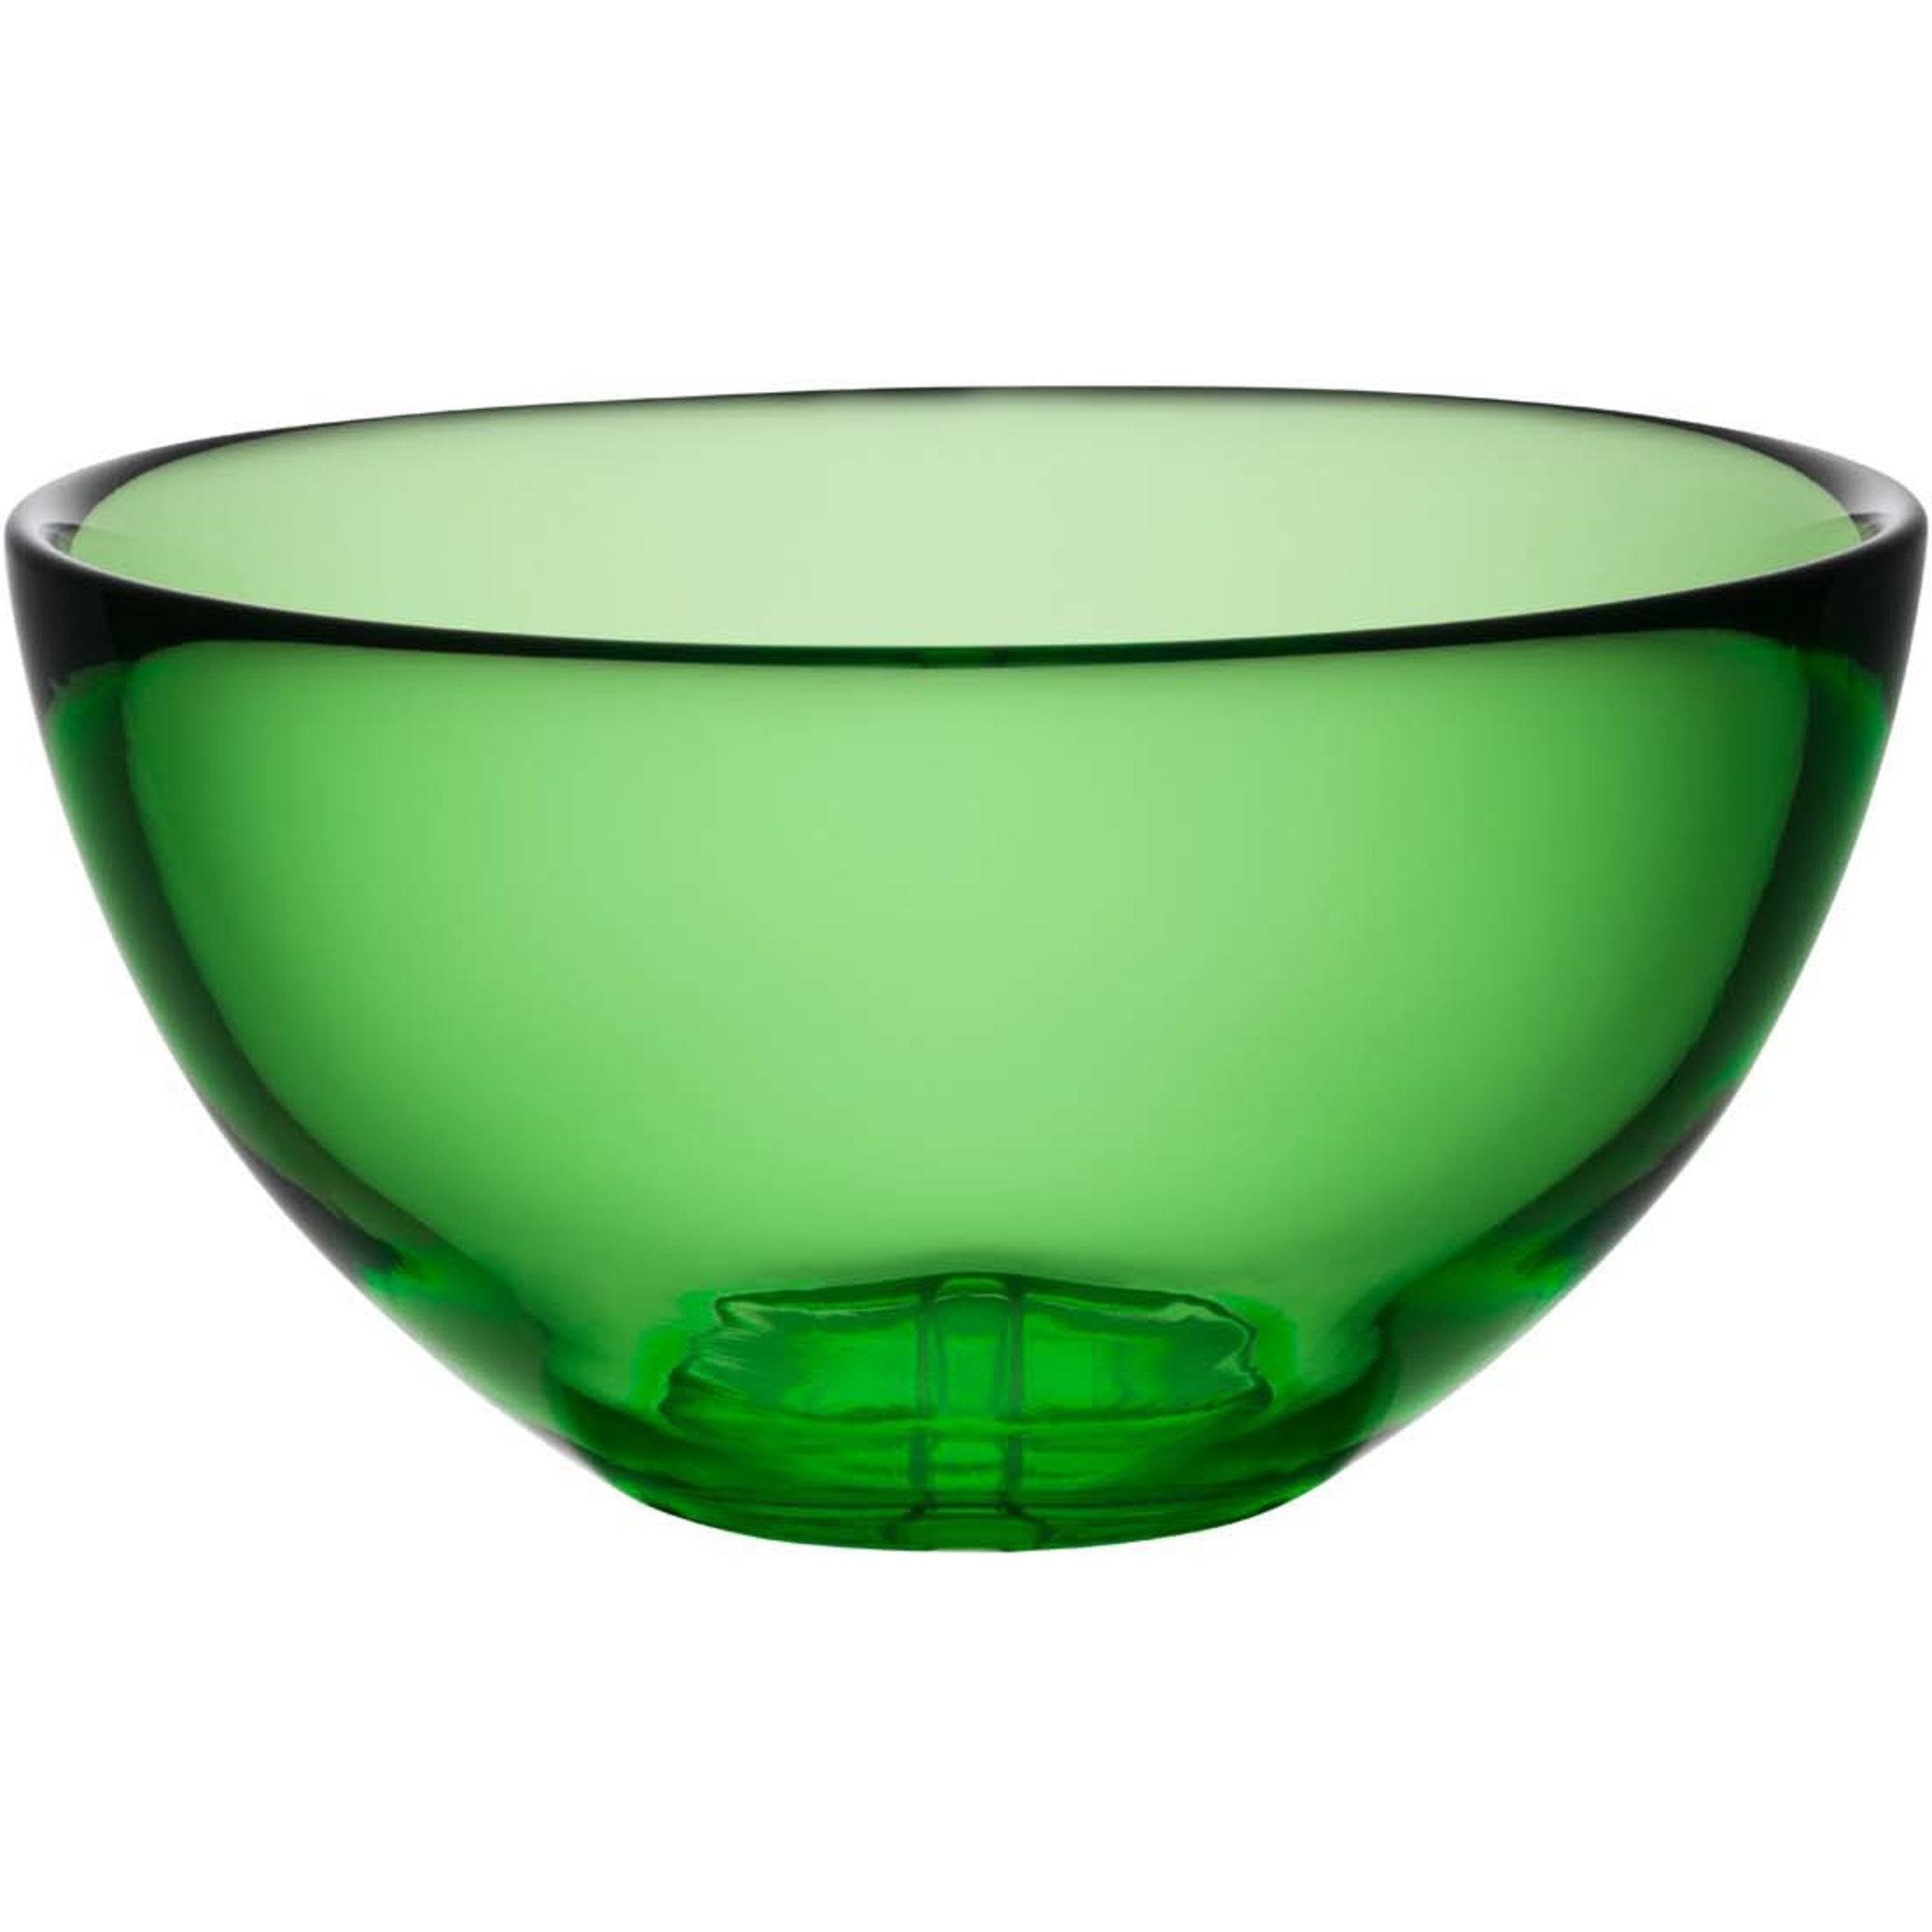 Kosta Boda Bruk Serveringsskål Apple Green Medium